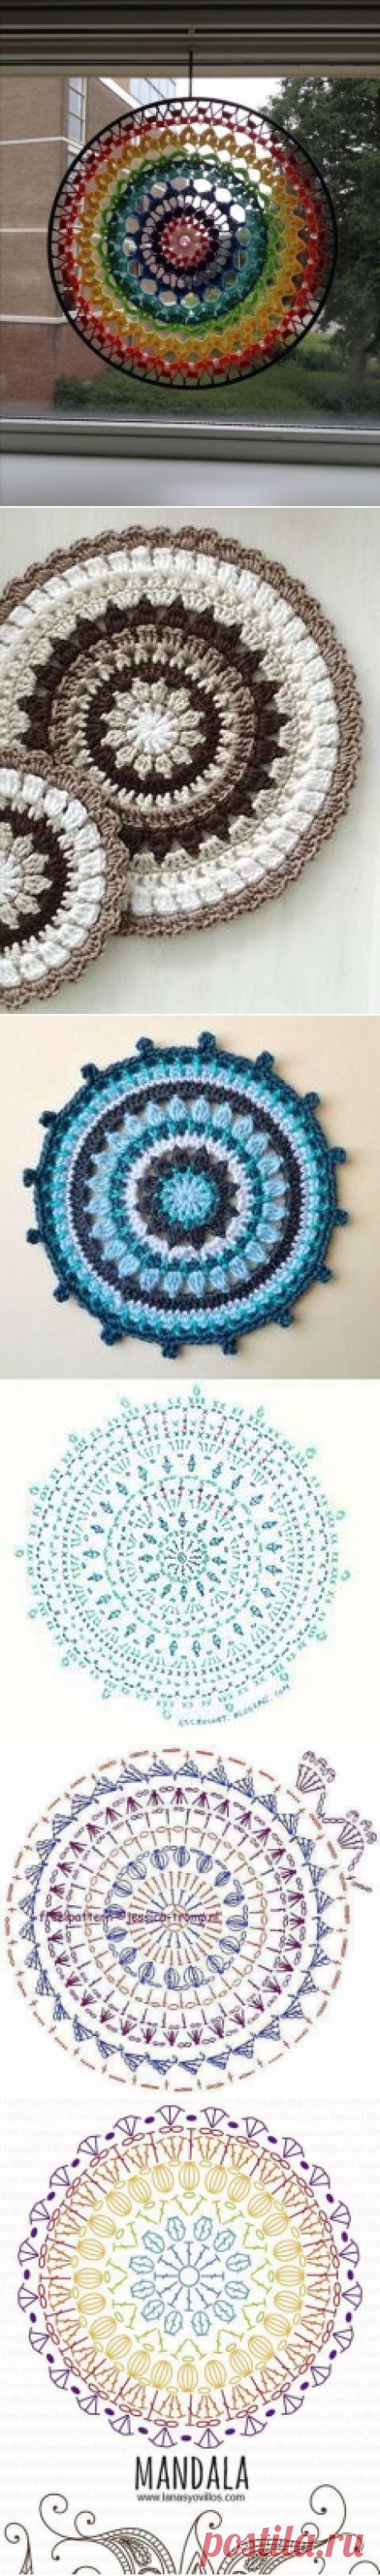 Рукоделие (Вязание, шитье, вышивка)Мандалы